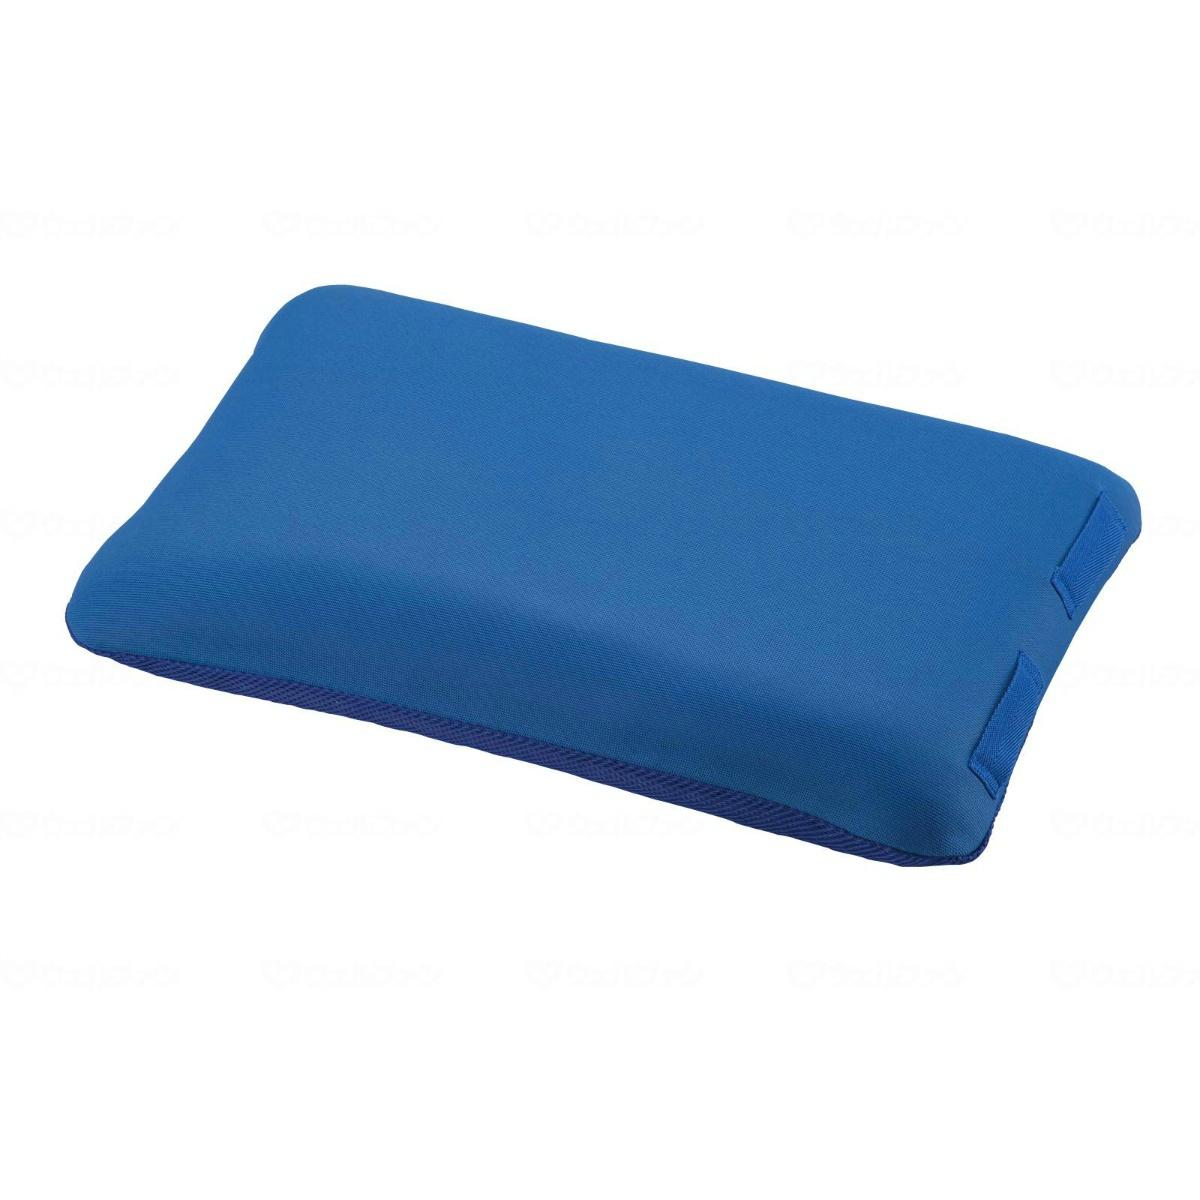 水に沈む便利なクッション 入浴サポート 4975520852841 大阪エンゼル 入浴サポートクッション 小 人気ショップが最安値挑戦 枕型 高価値